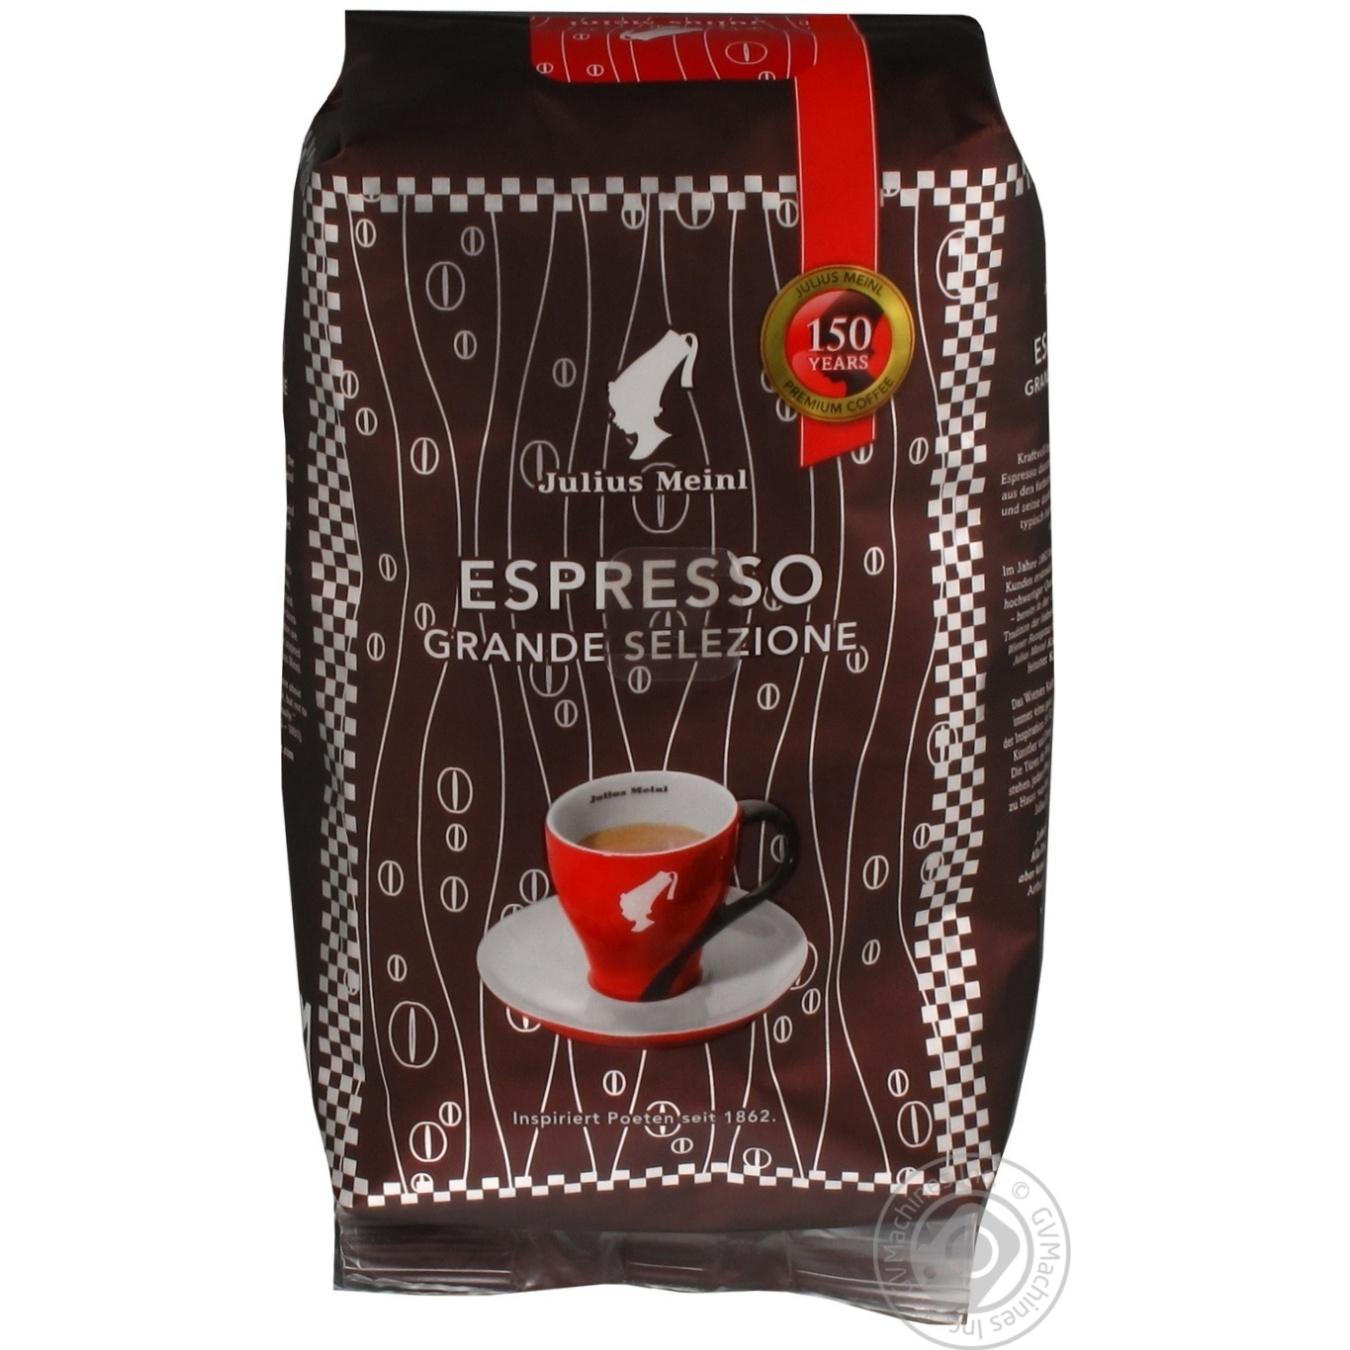 Кофе Юлиус Майнл Эспрессо натуральный жареный в зернах 500г